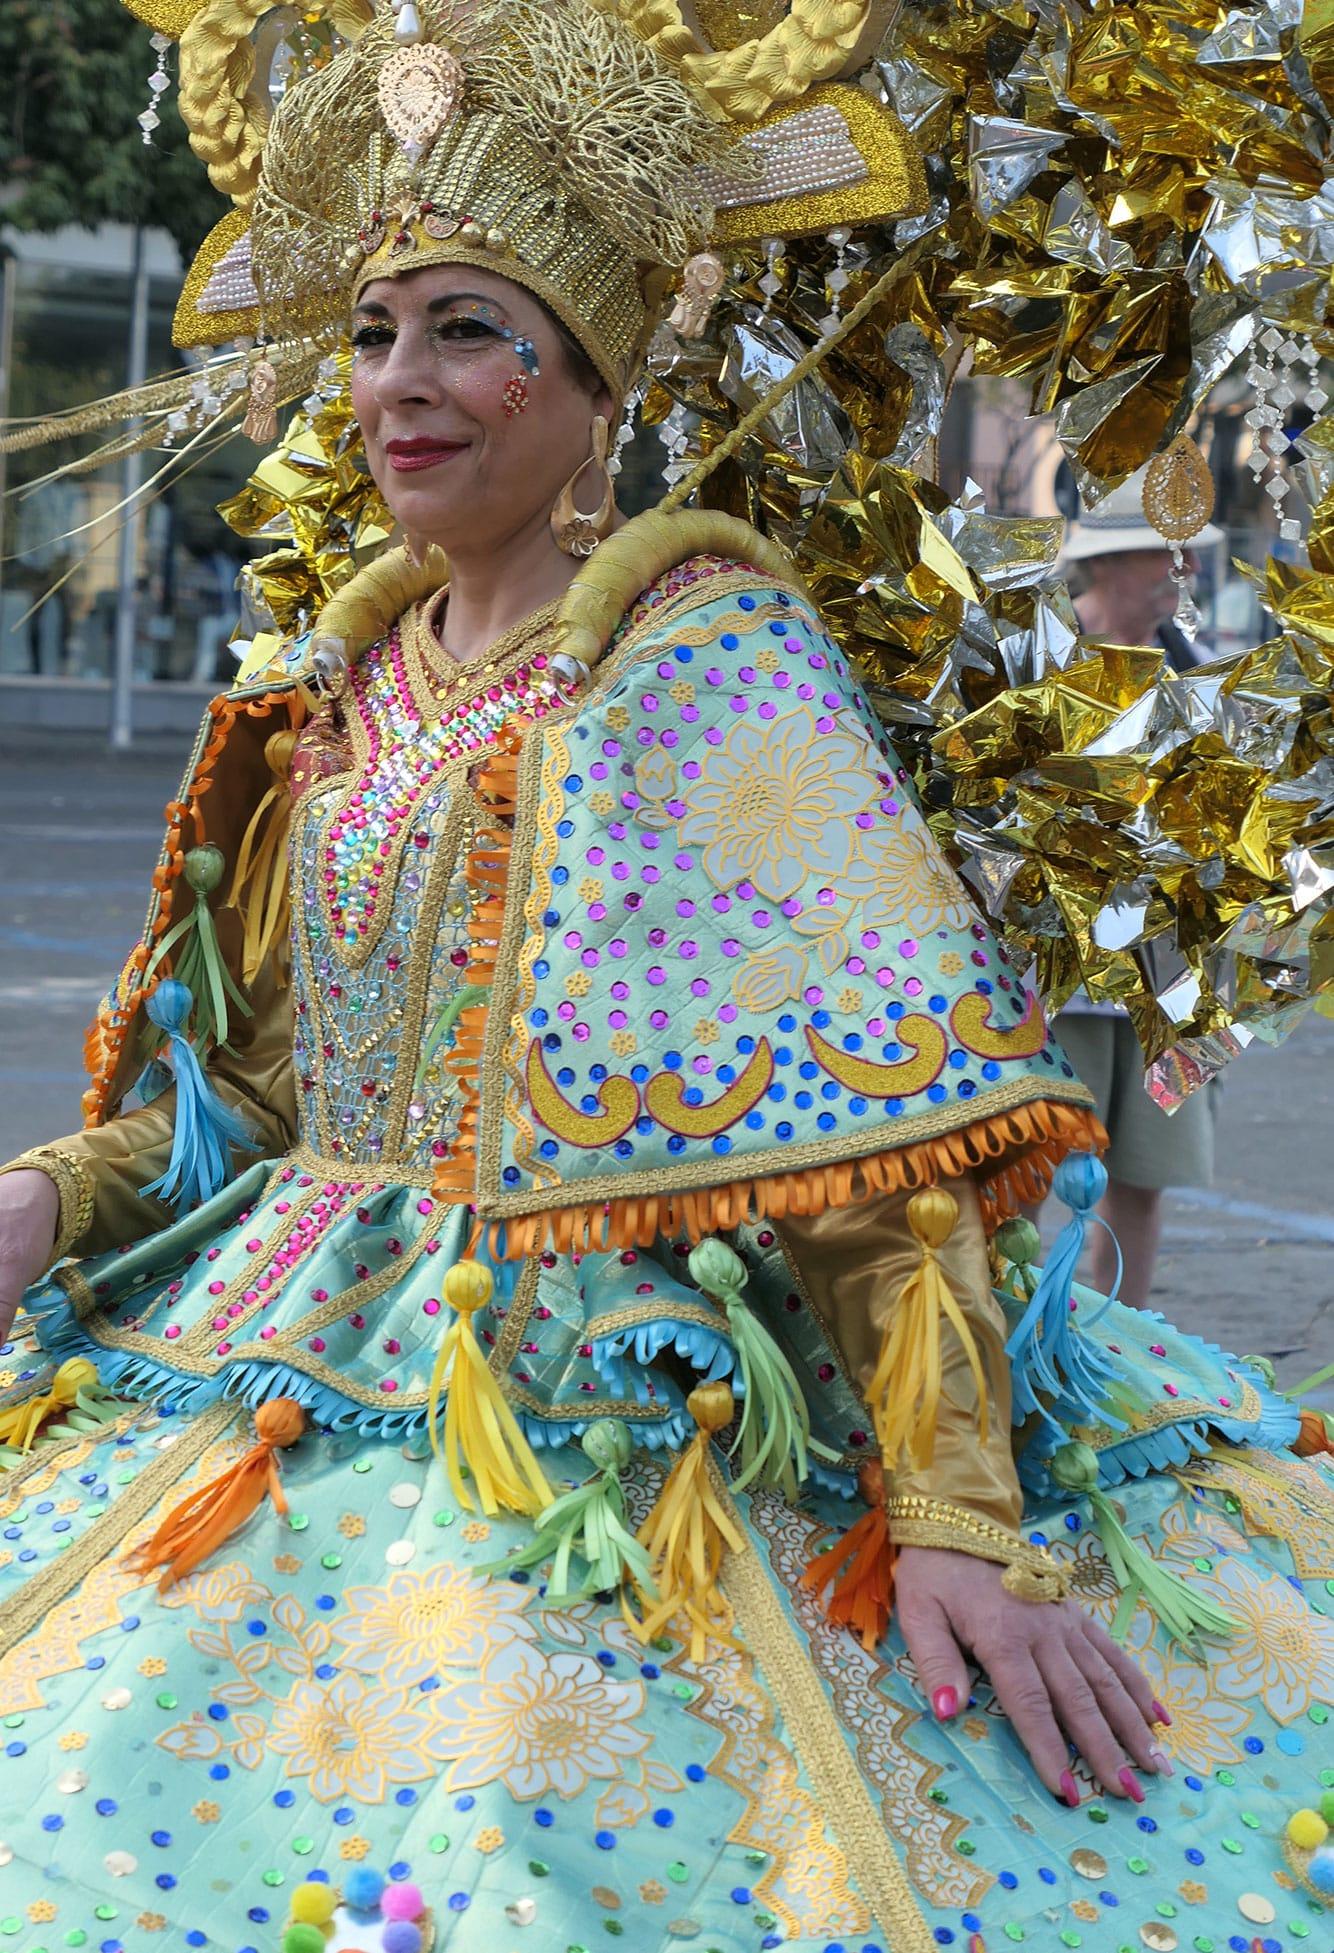 femme pendant le Carnaval des fleurs-Acireale-Crédit Numéro Une